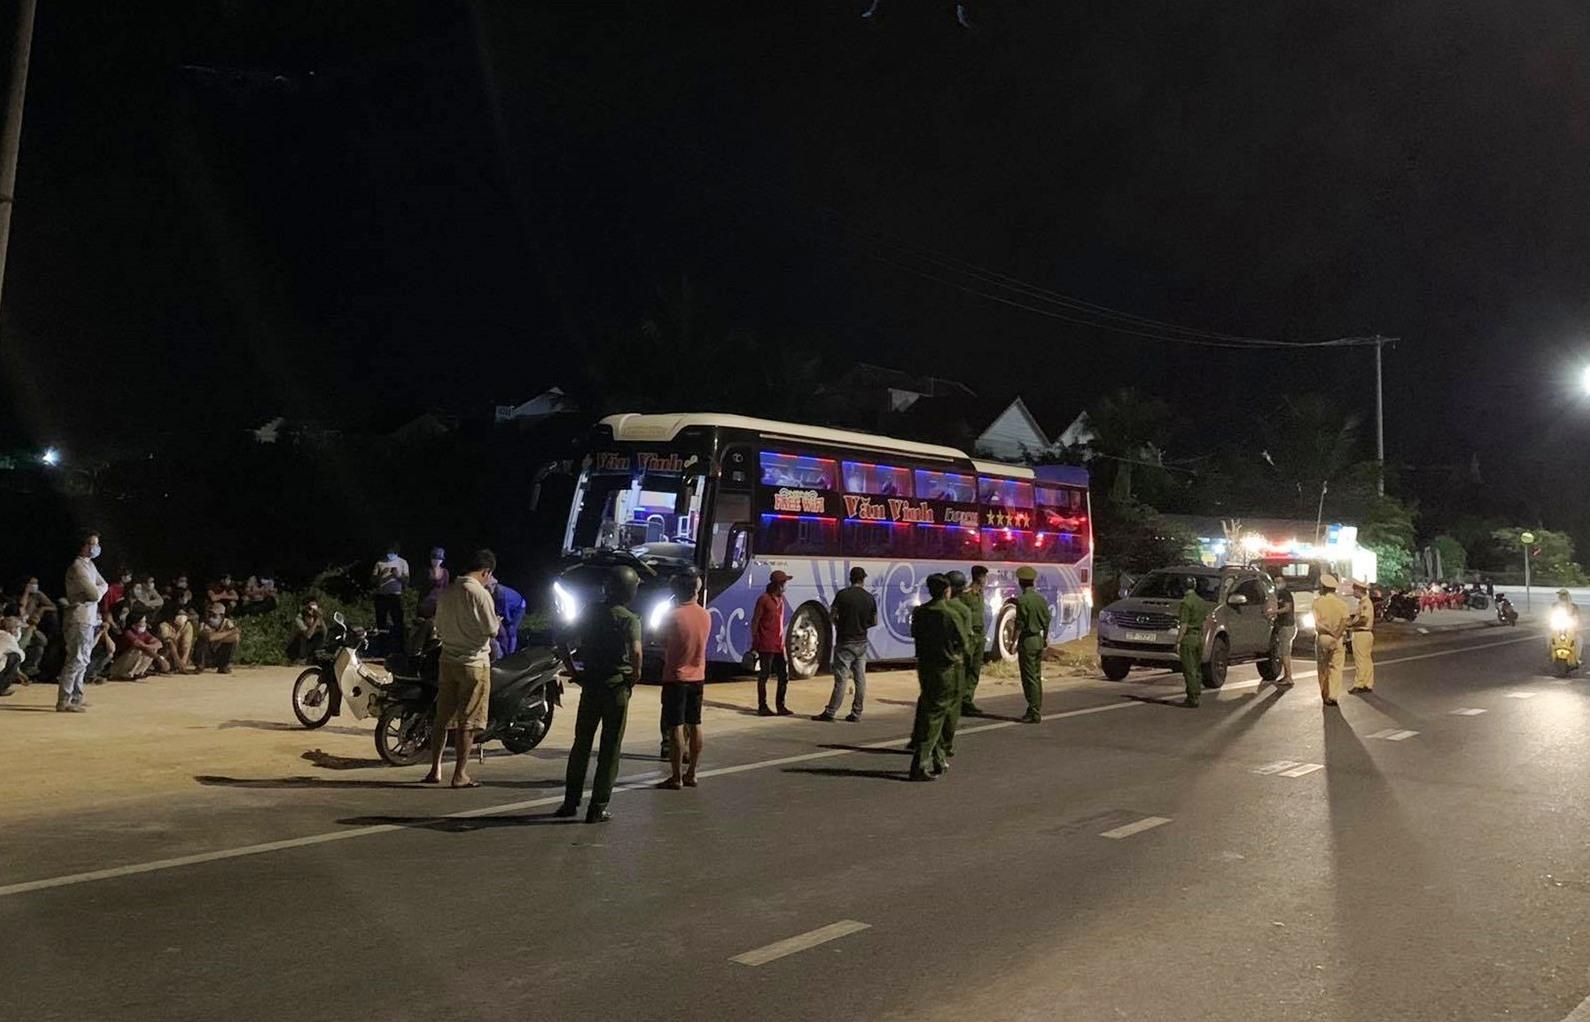 Công an Hội An khẳng định xe 7 chỗ chở các ngư dân Quảng Ngãi về quê. Tin đồn lén lút chở người Trung Quốc rời khỏi địa bàn trên mạng xã hội là tin thất thiệt. Ảnh: MXH